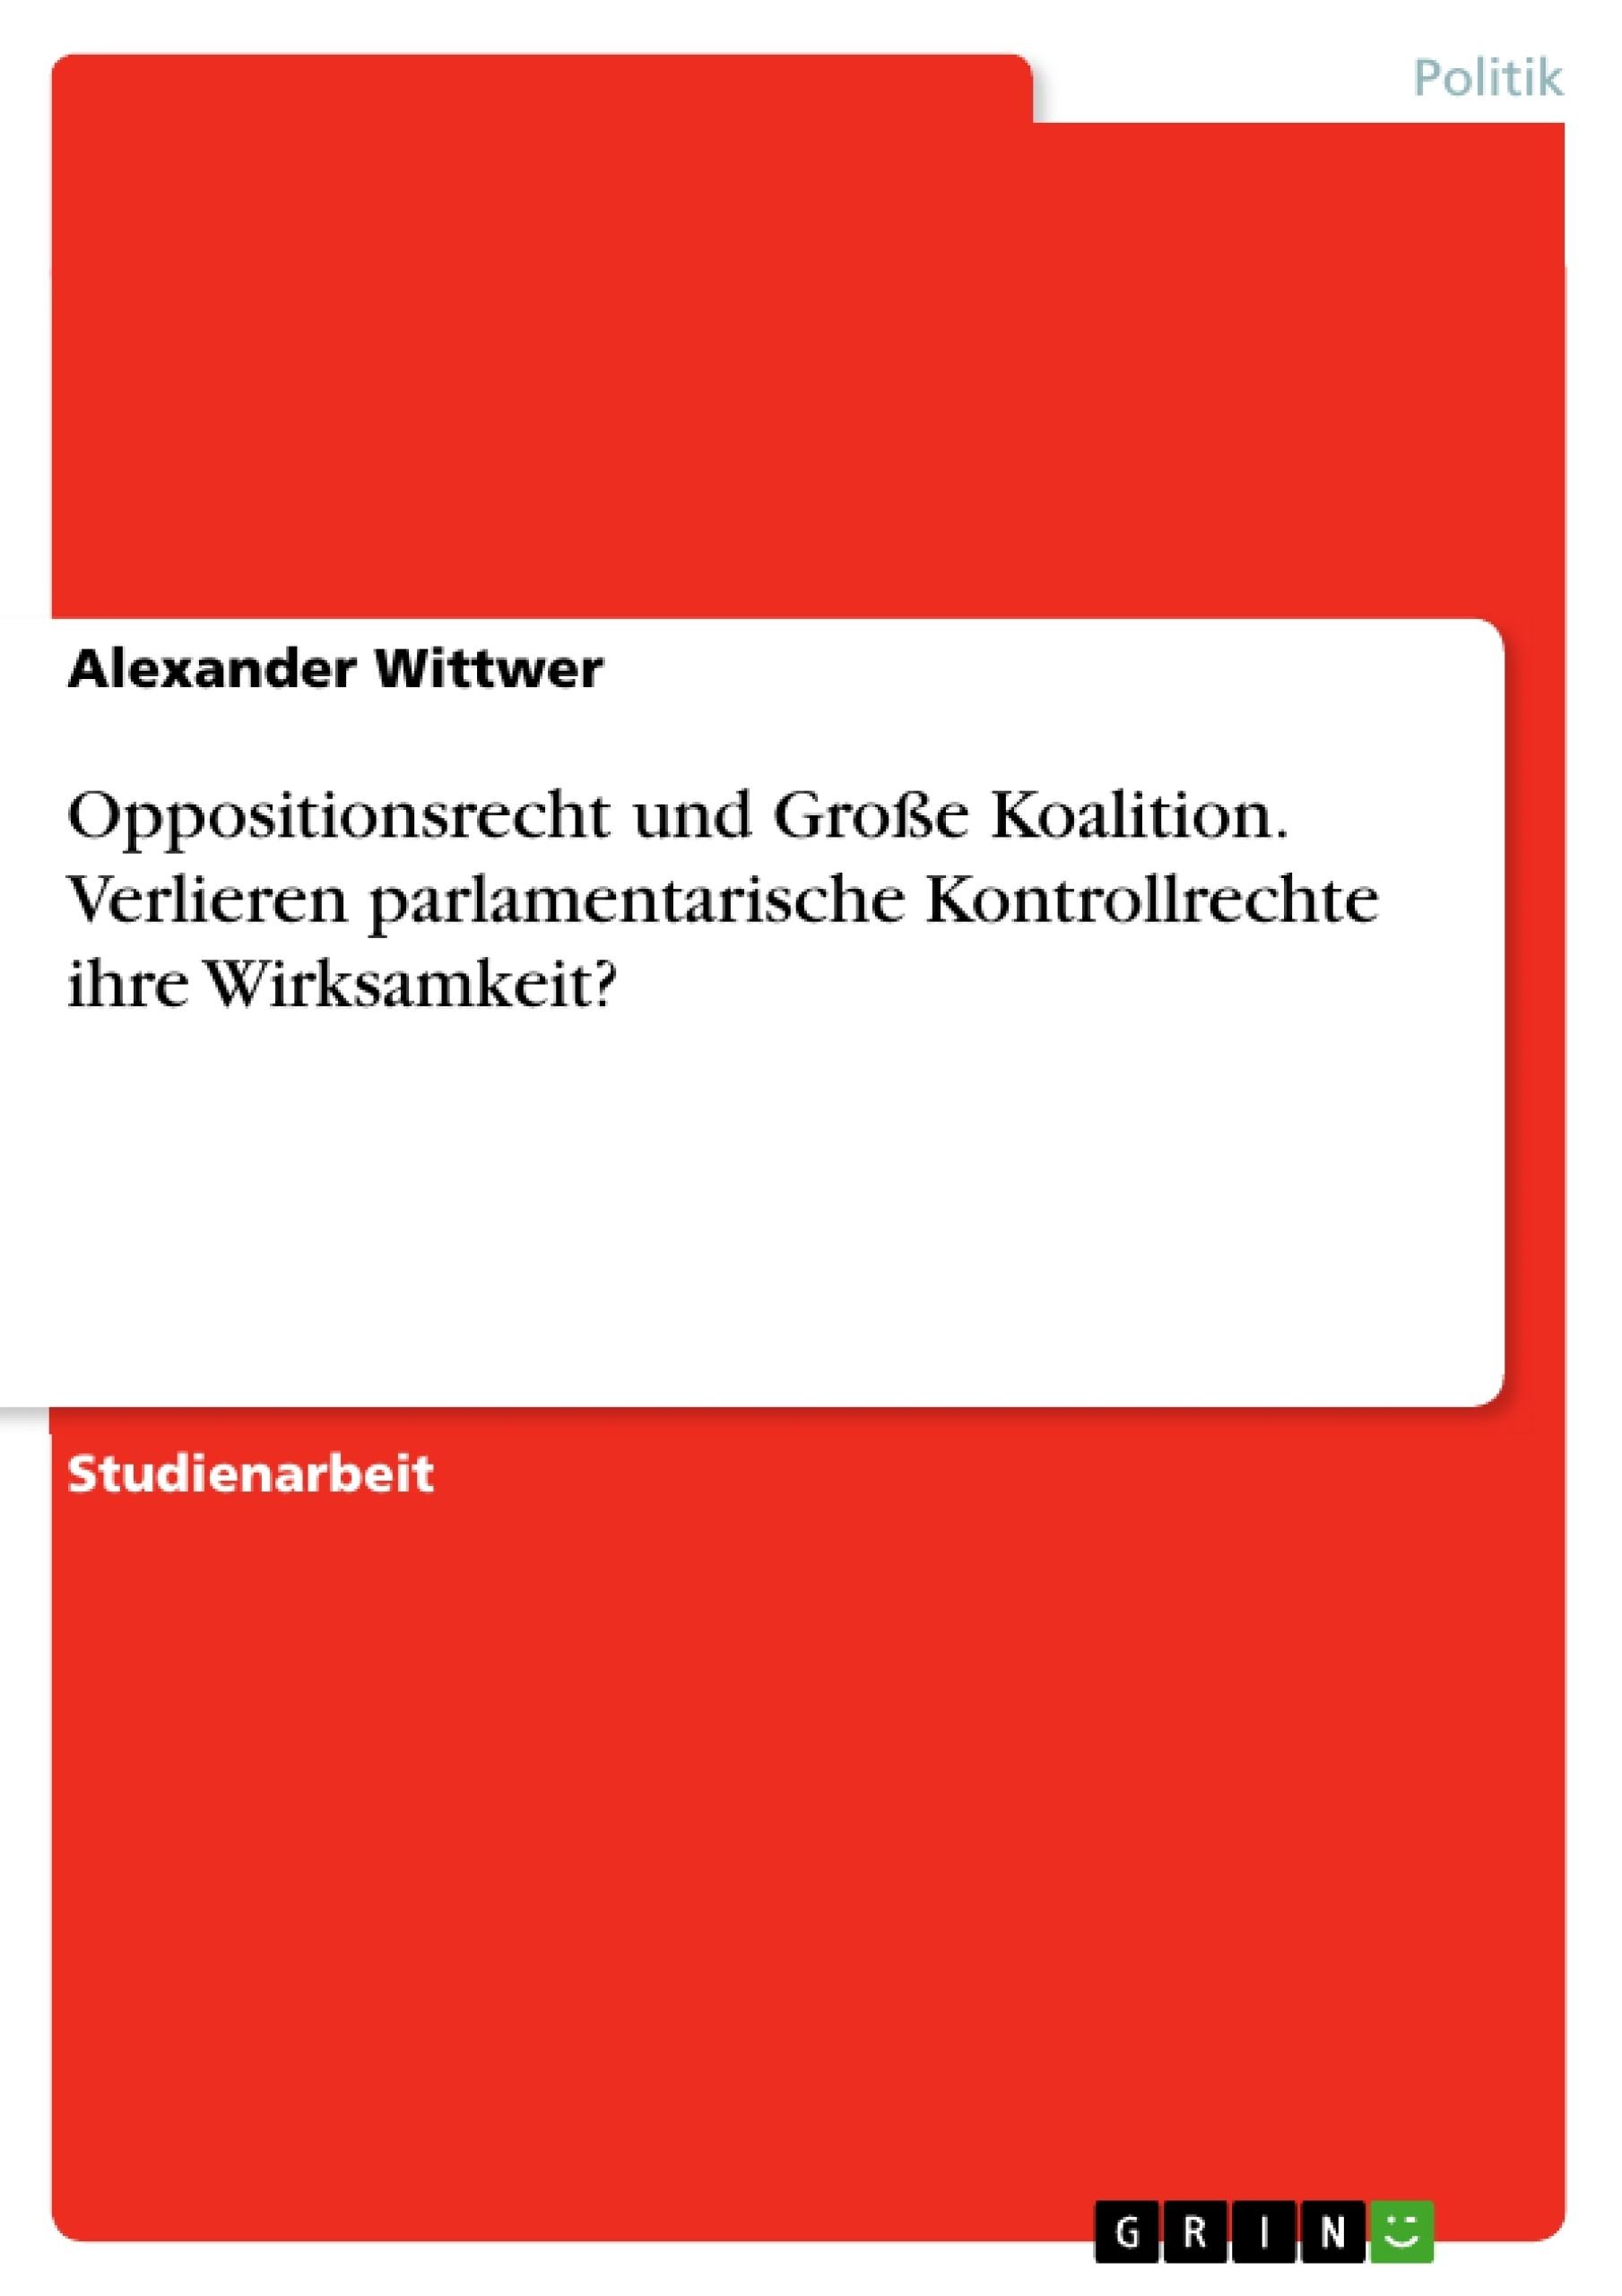 Titel: Oppositionsrecht und Große Koalition. Verlieren parlamentarische Kontrollrechte ihre Wirksamkeit?